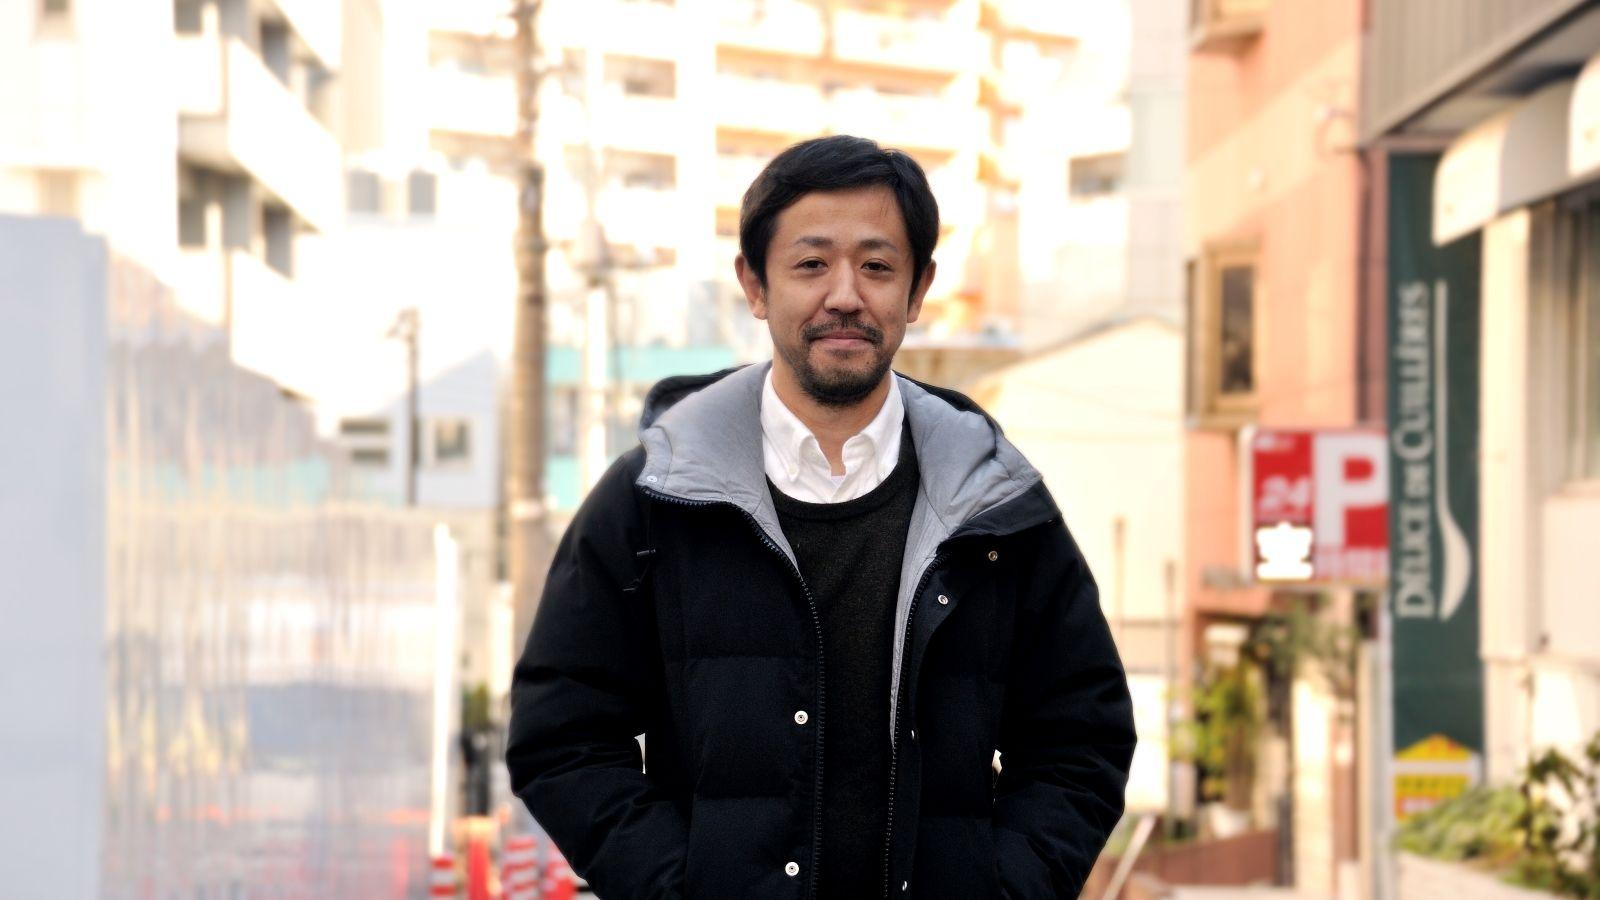 ムロツヨシ 俳優養成所